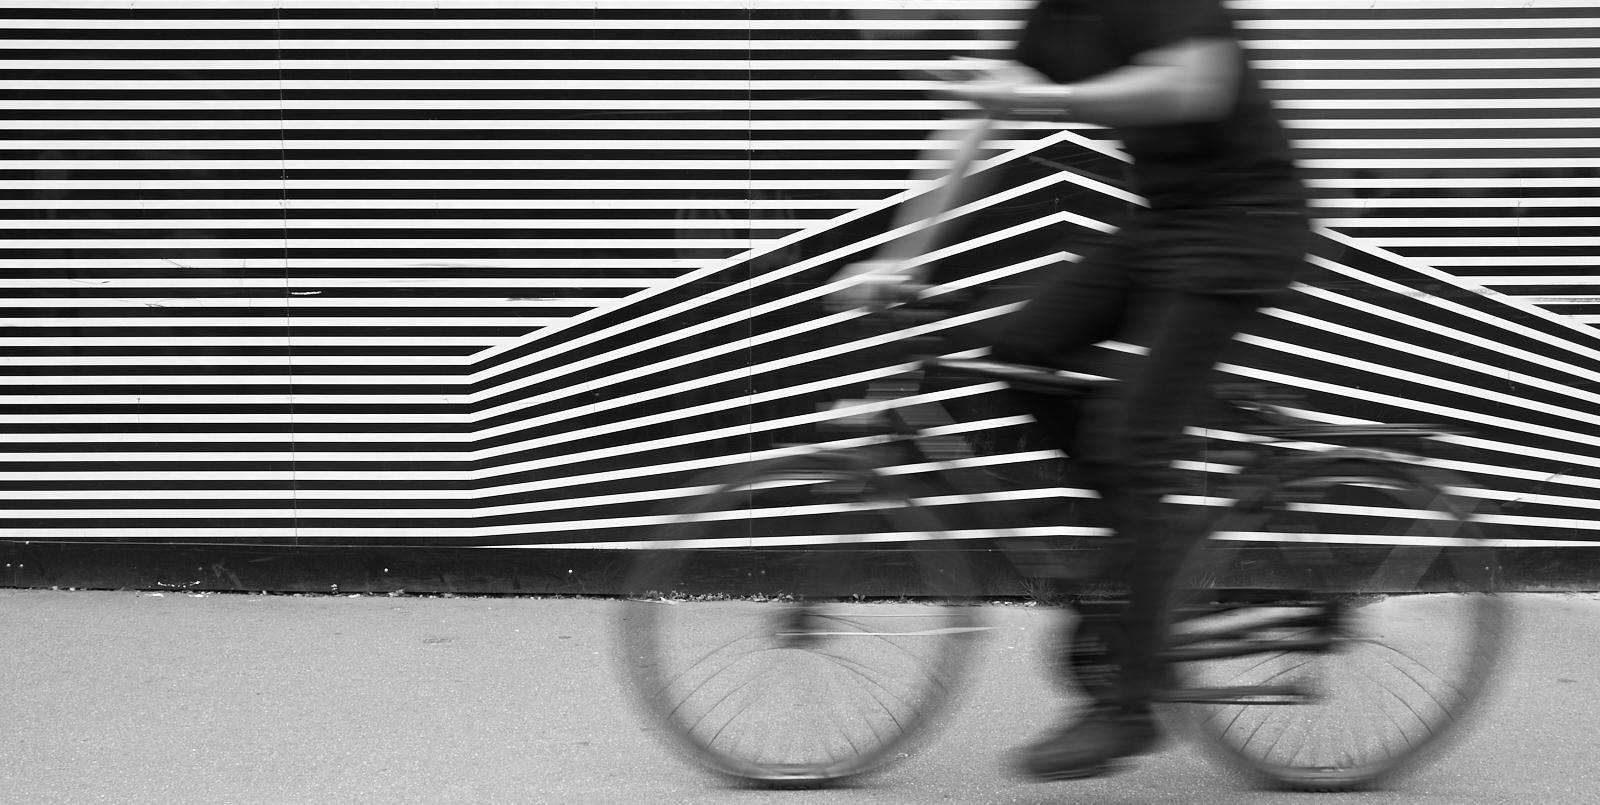 Cycle tracks11600x1200 sRGB.jpg